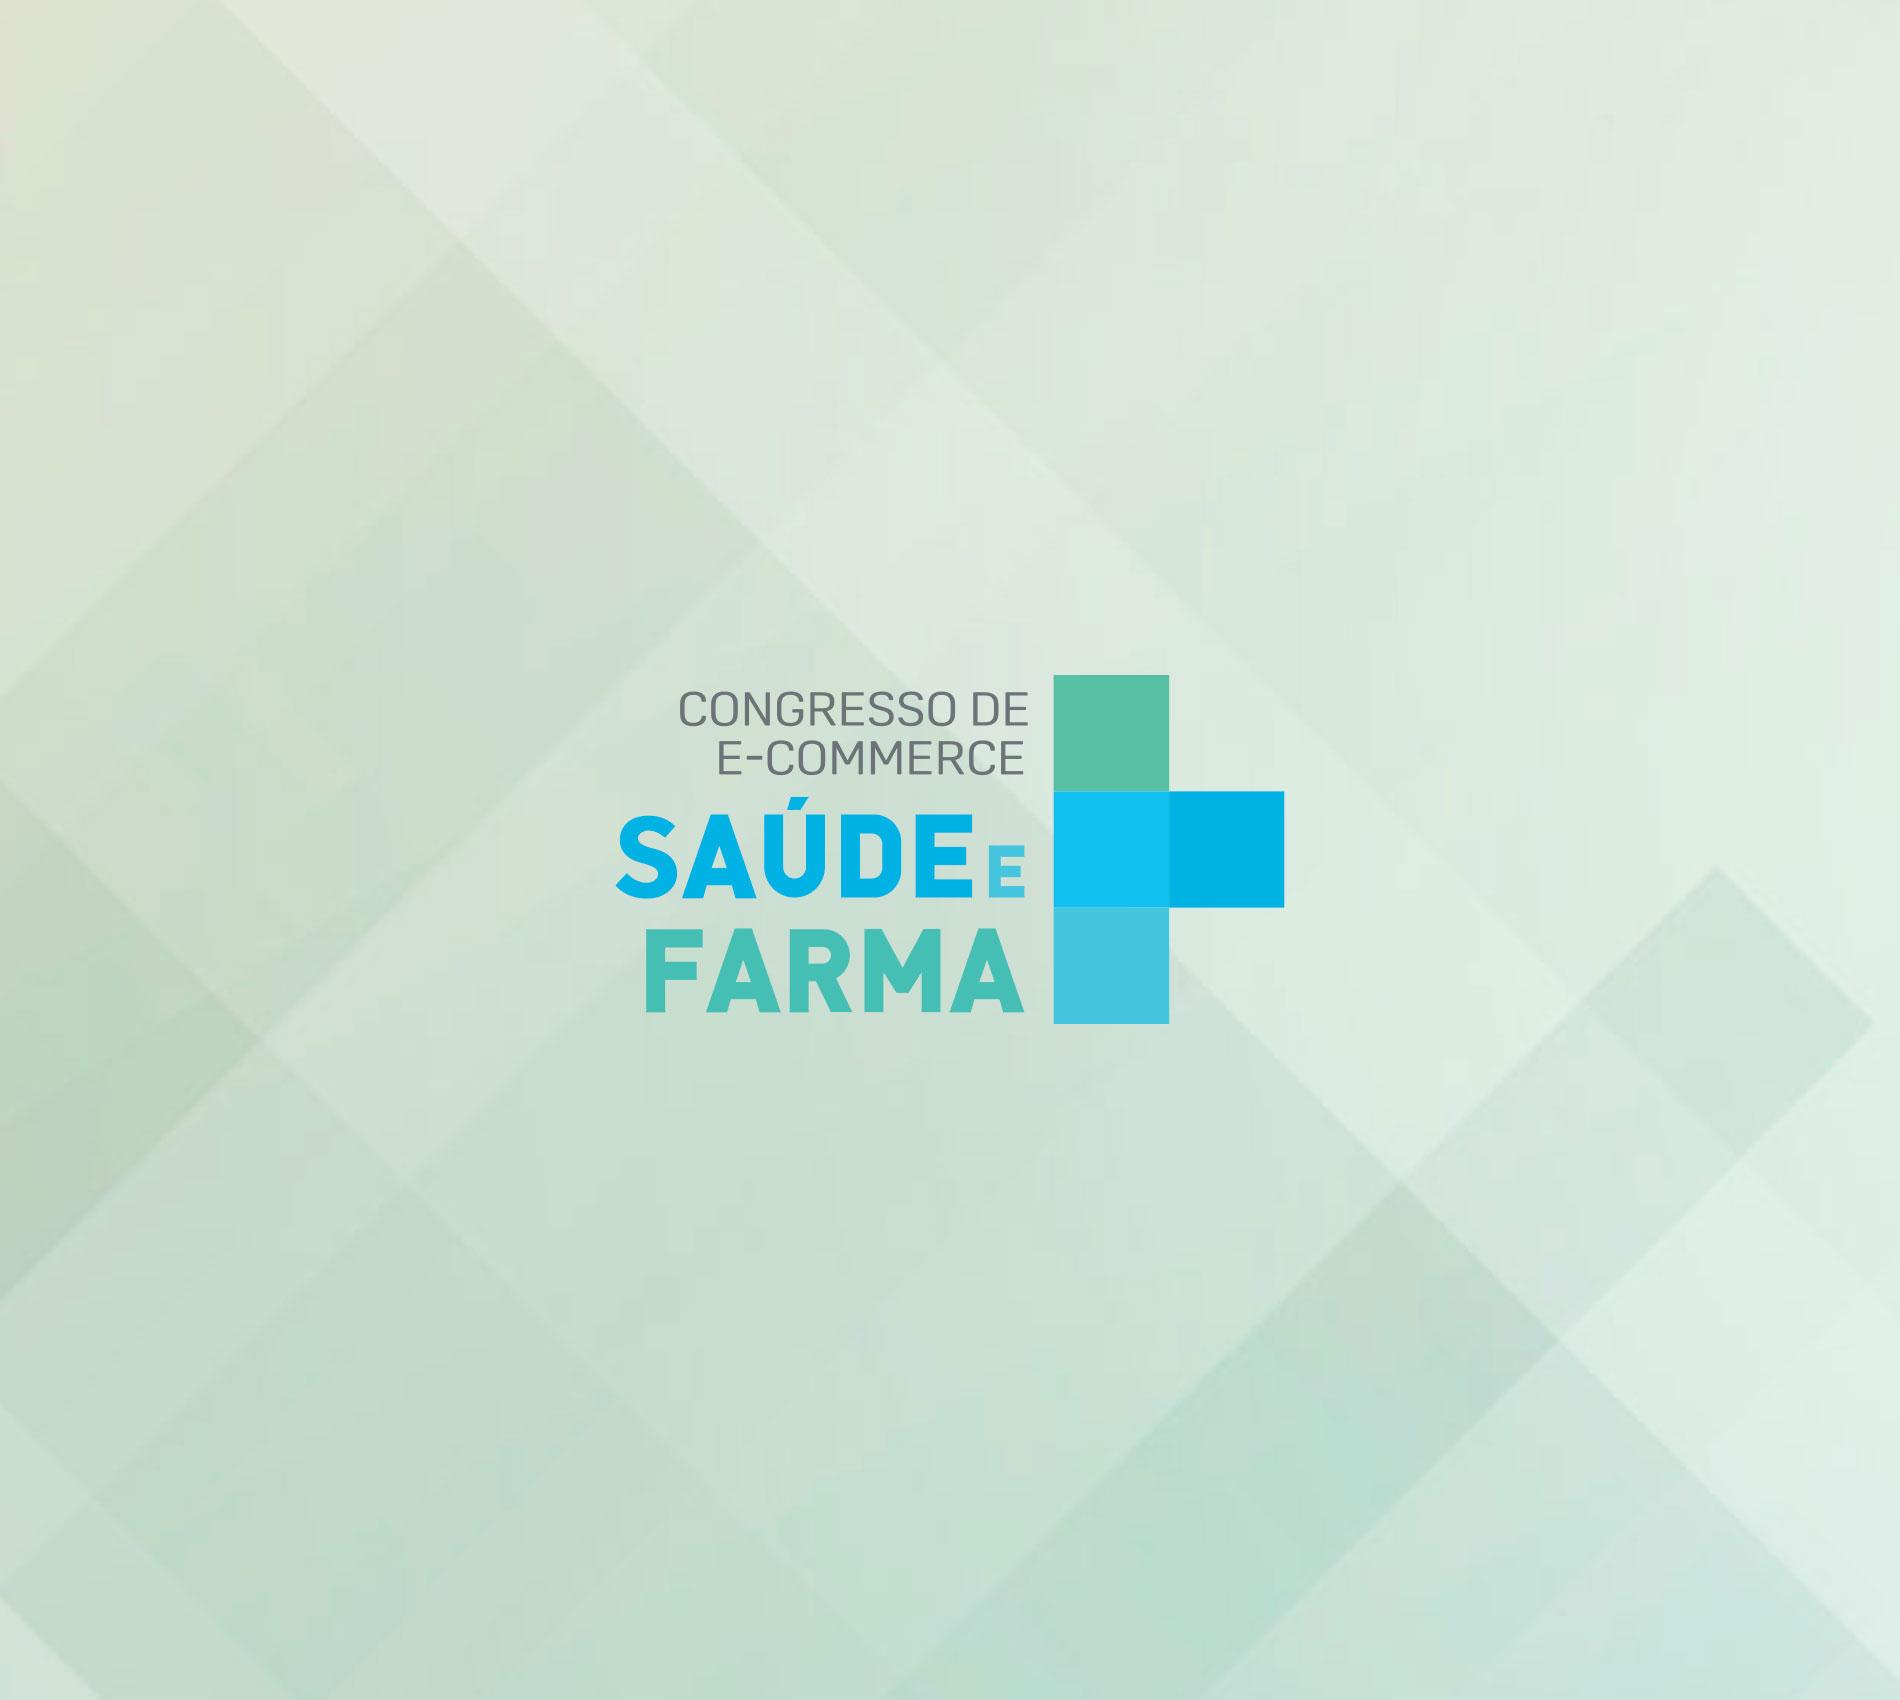 Congresso de E-commerce Saúde e Farma, 2021